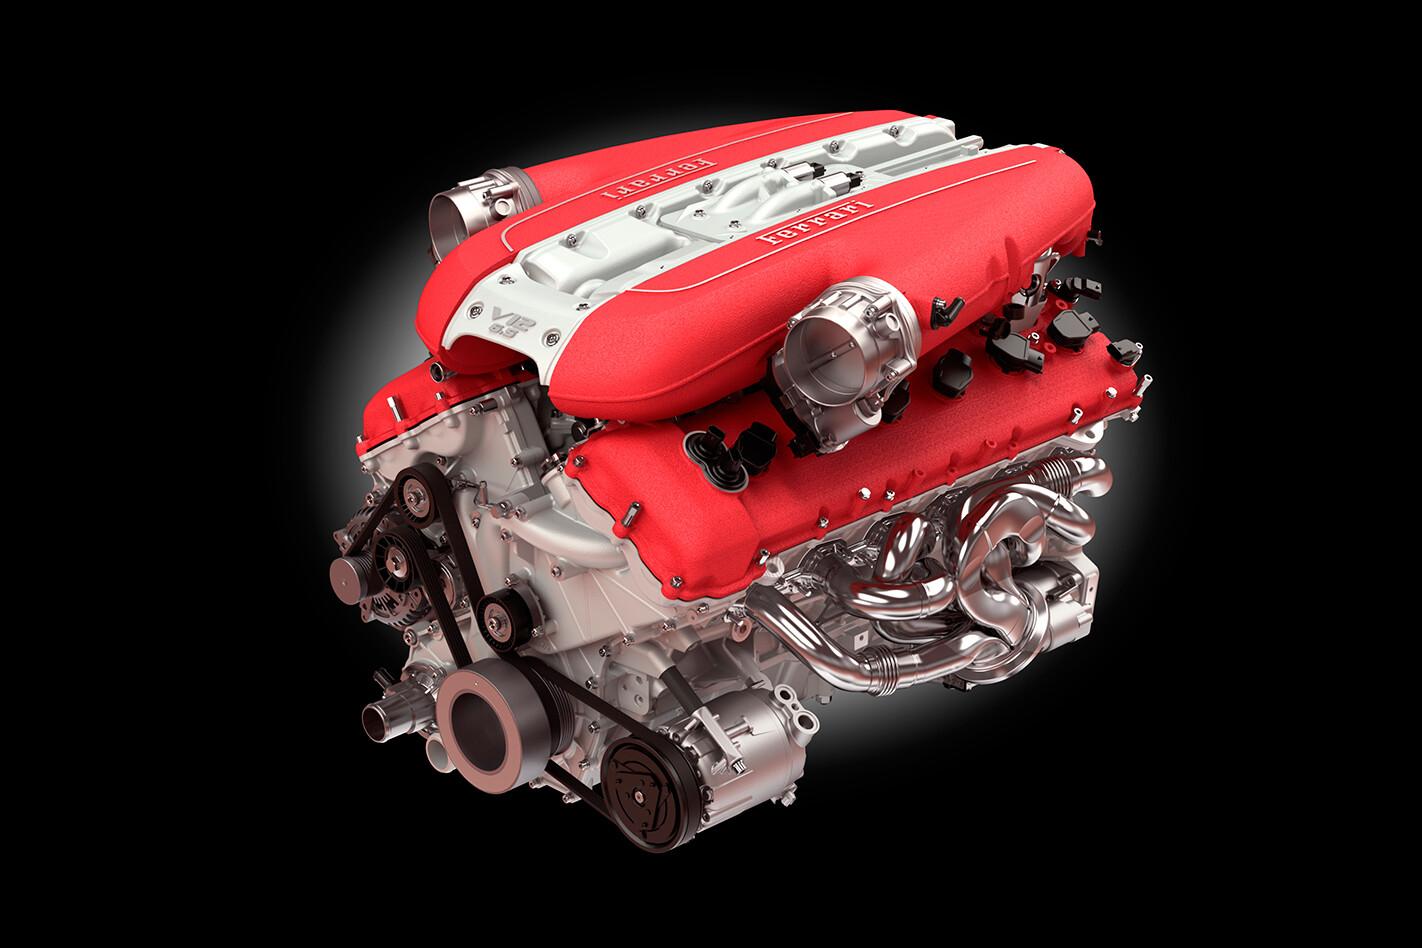 Ferrari 812 Superfast 6.5 V12